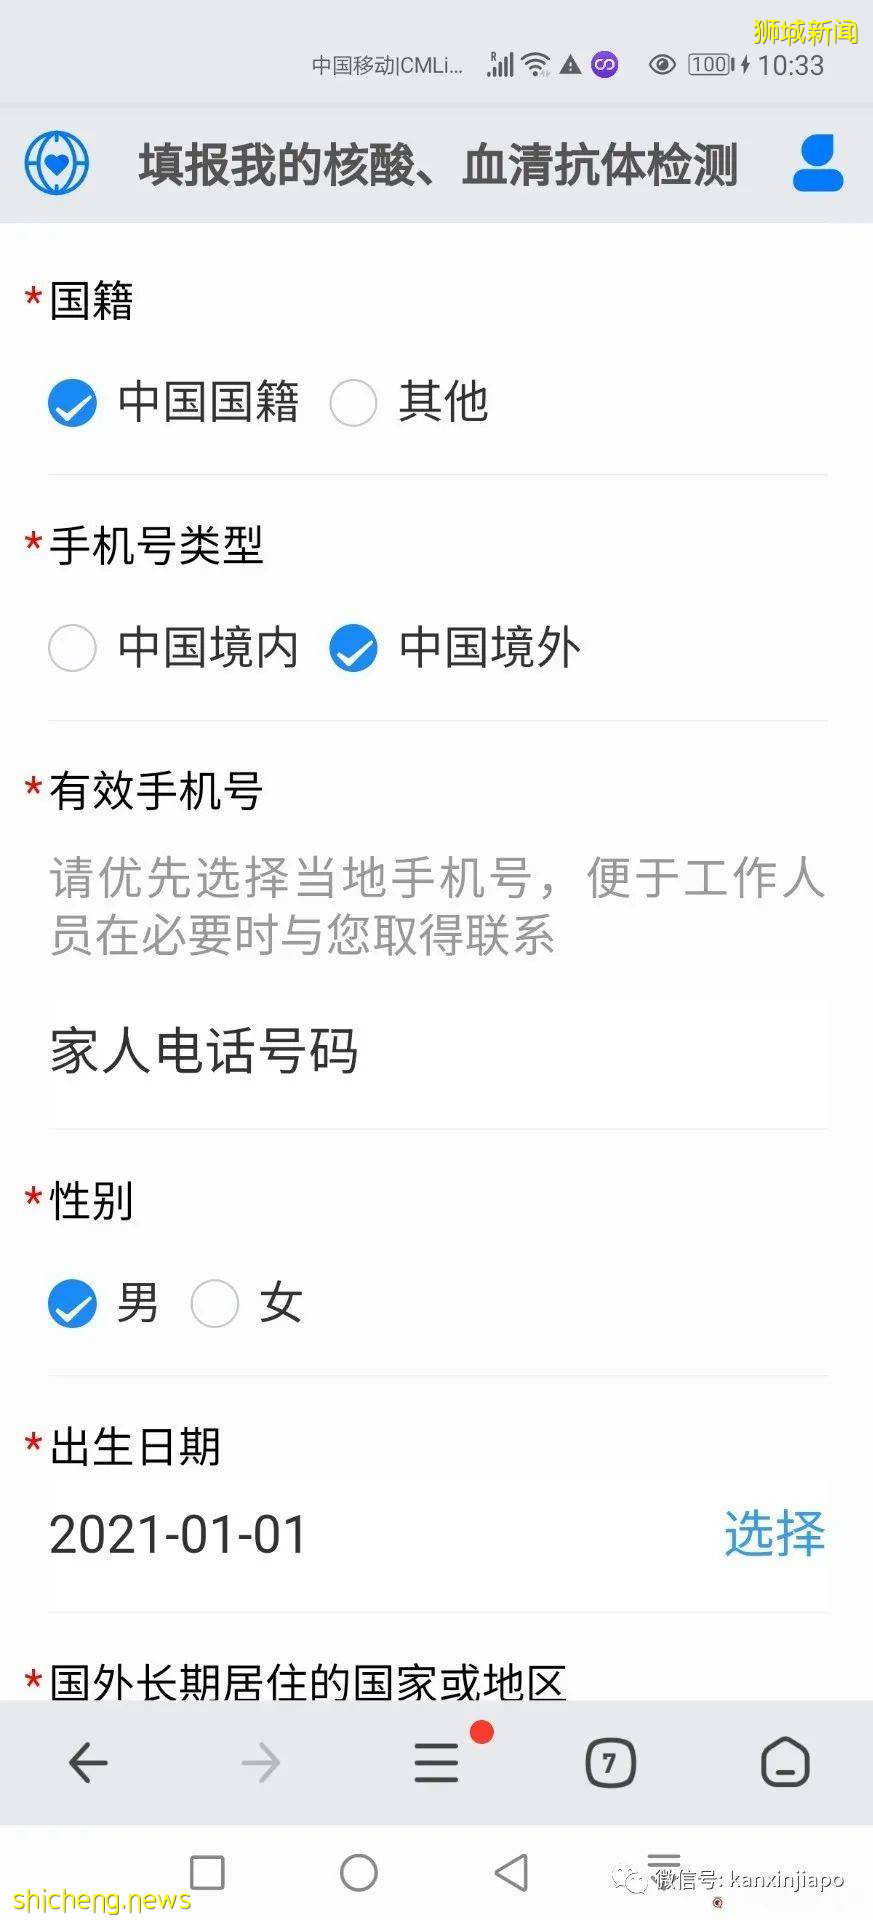 中国大使馆发出提醒:审慎赴新!回中国须知,如何申请防疫健康码